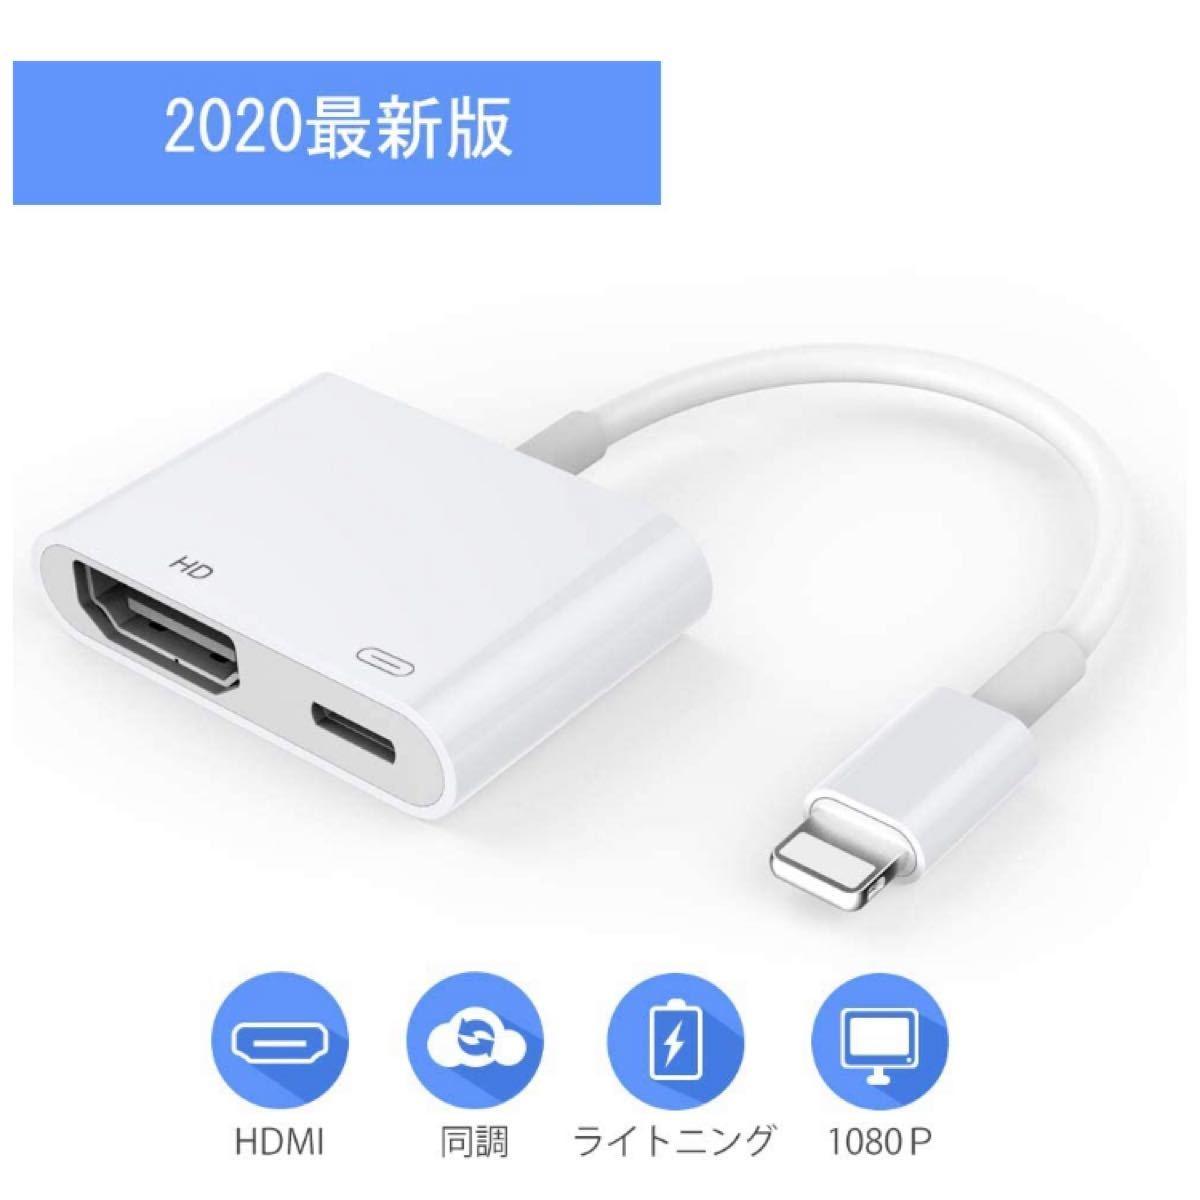 【2020令和最新型】iPhone HDMI 変換ケーブル